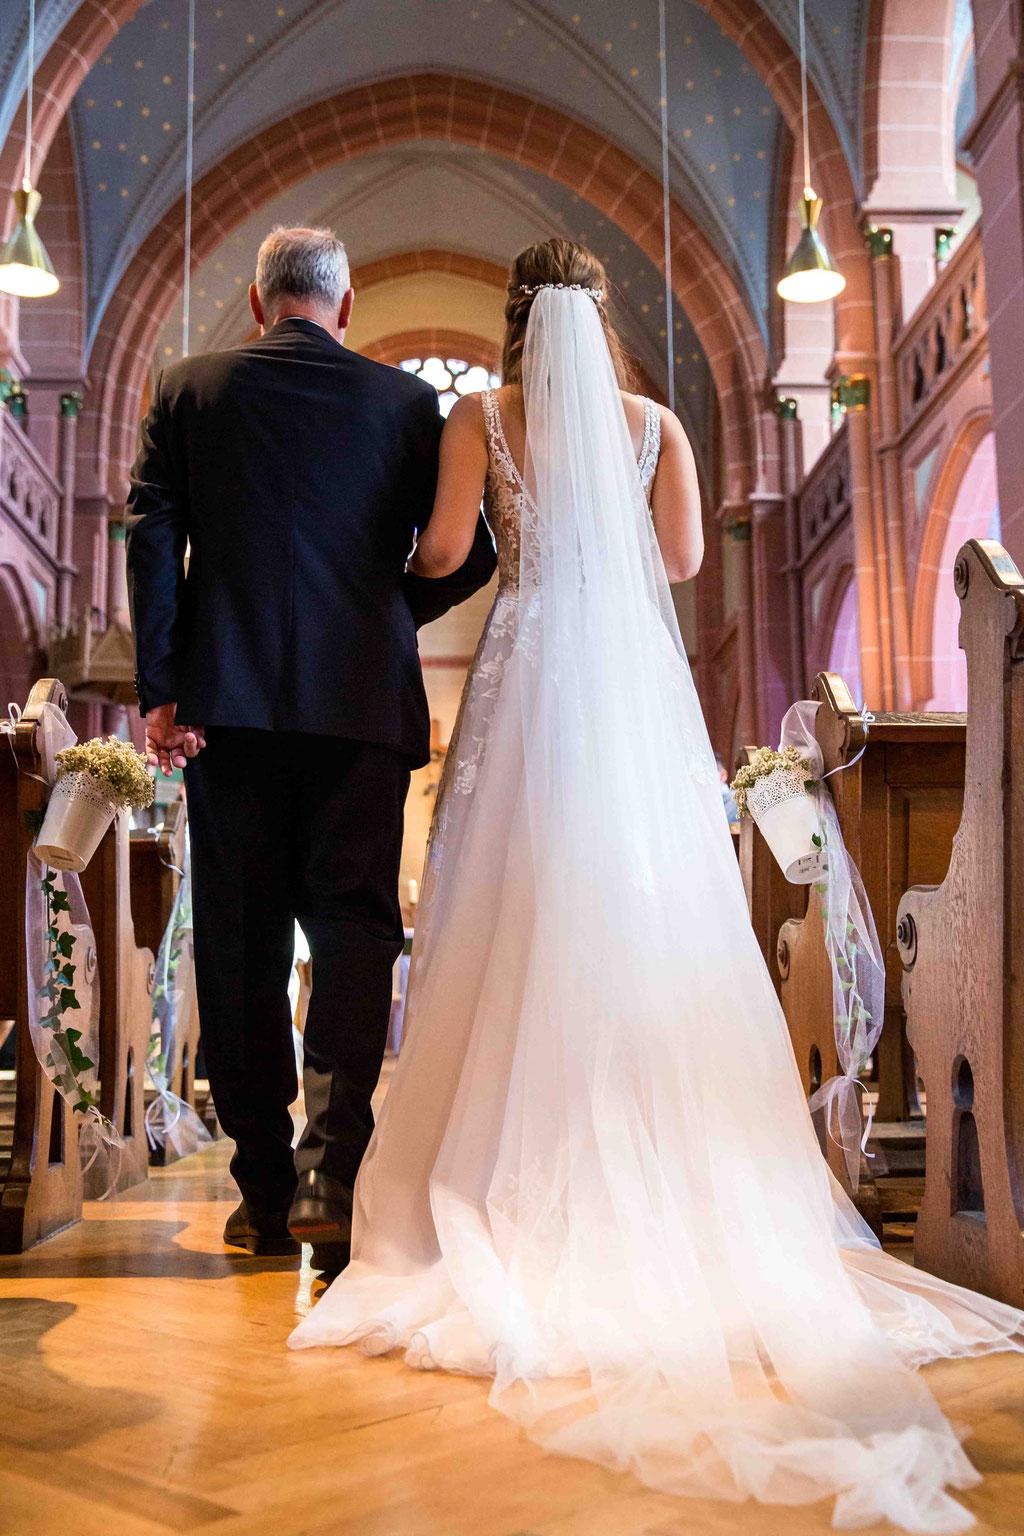 Braut wird vom Brautvater zum Altar geführt, Kirchliche Hochzeit, Hochzeitsfotografin, Zwei Hochzeitsfotografen,